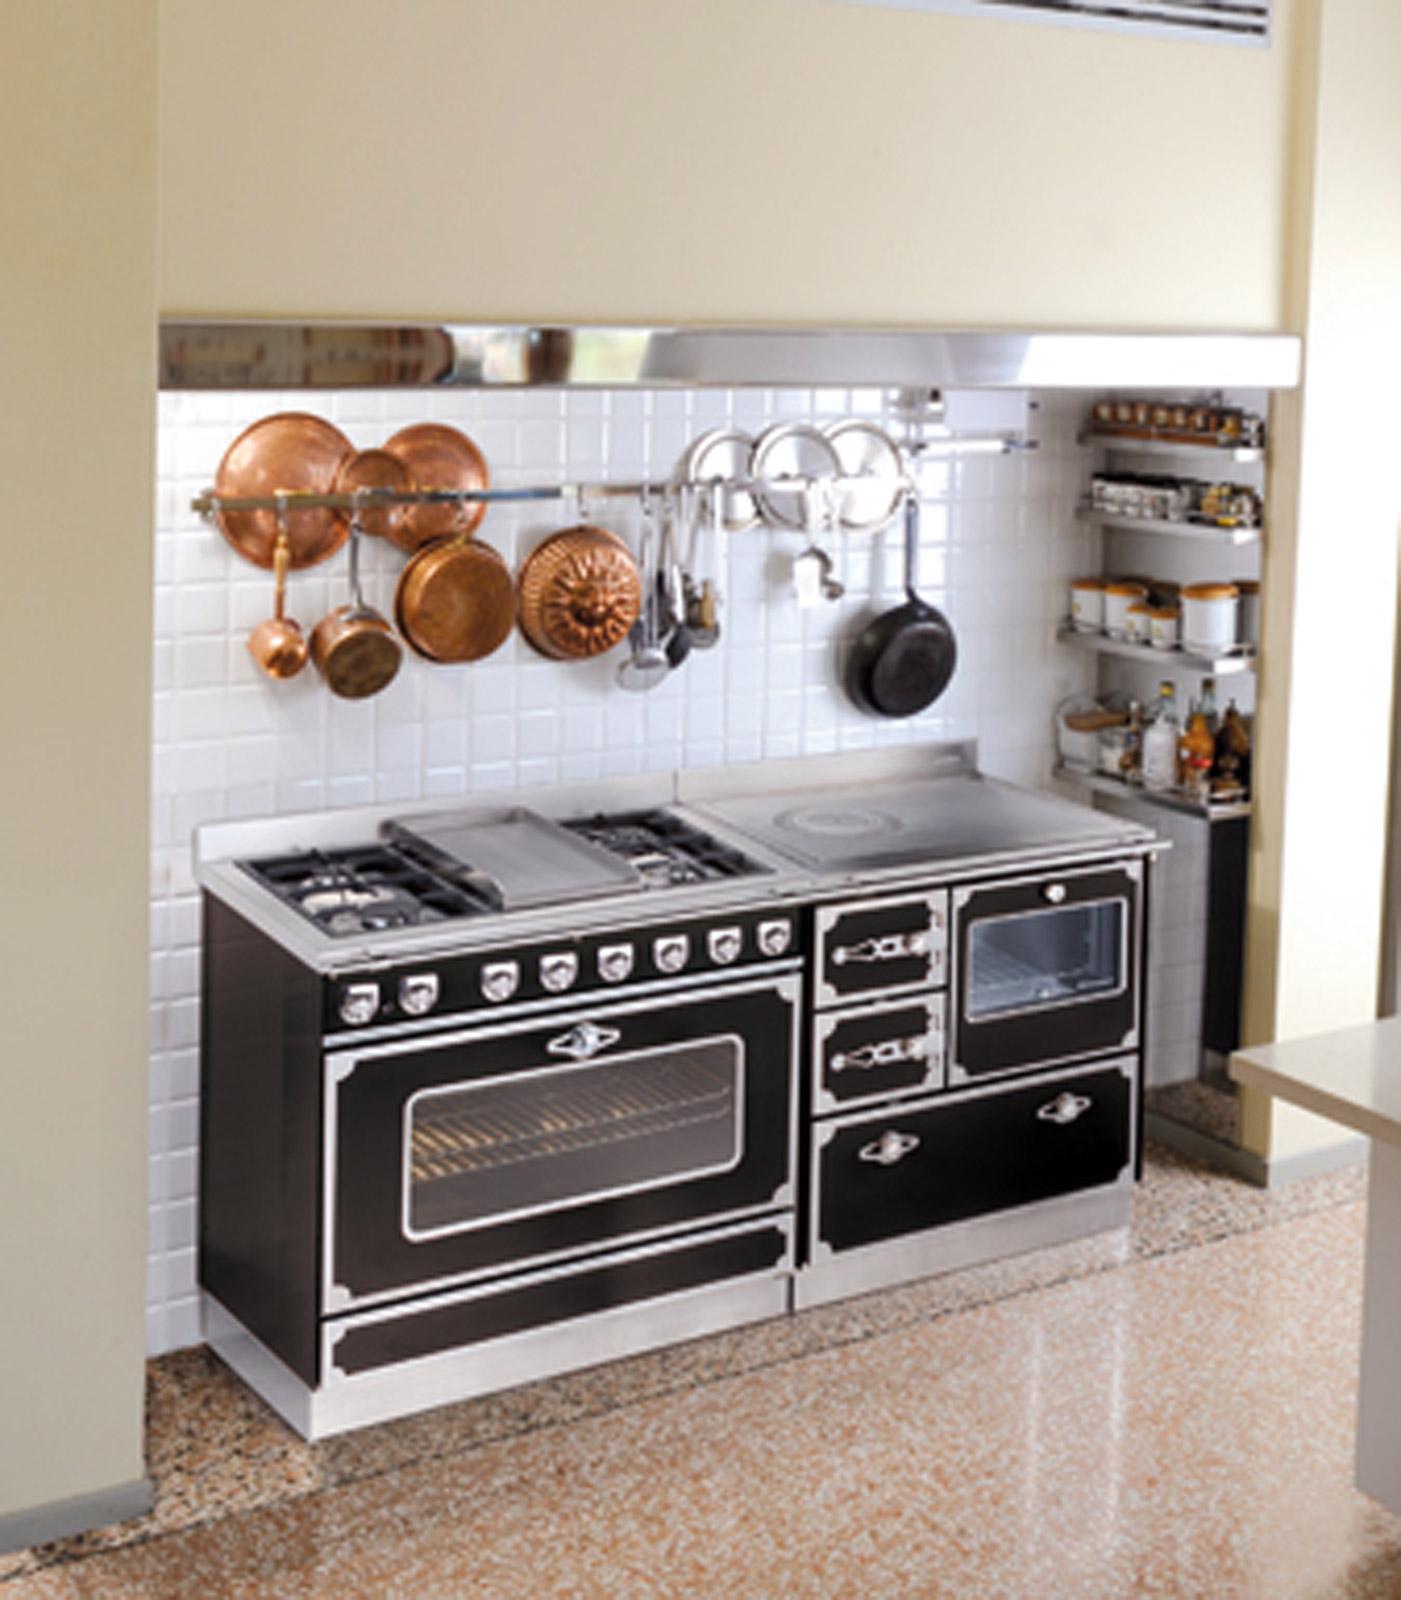 F800 demanincor s p a - Configura cucina ...